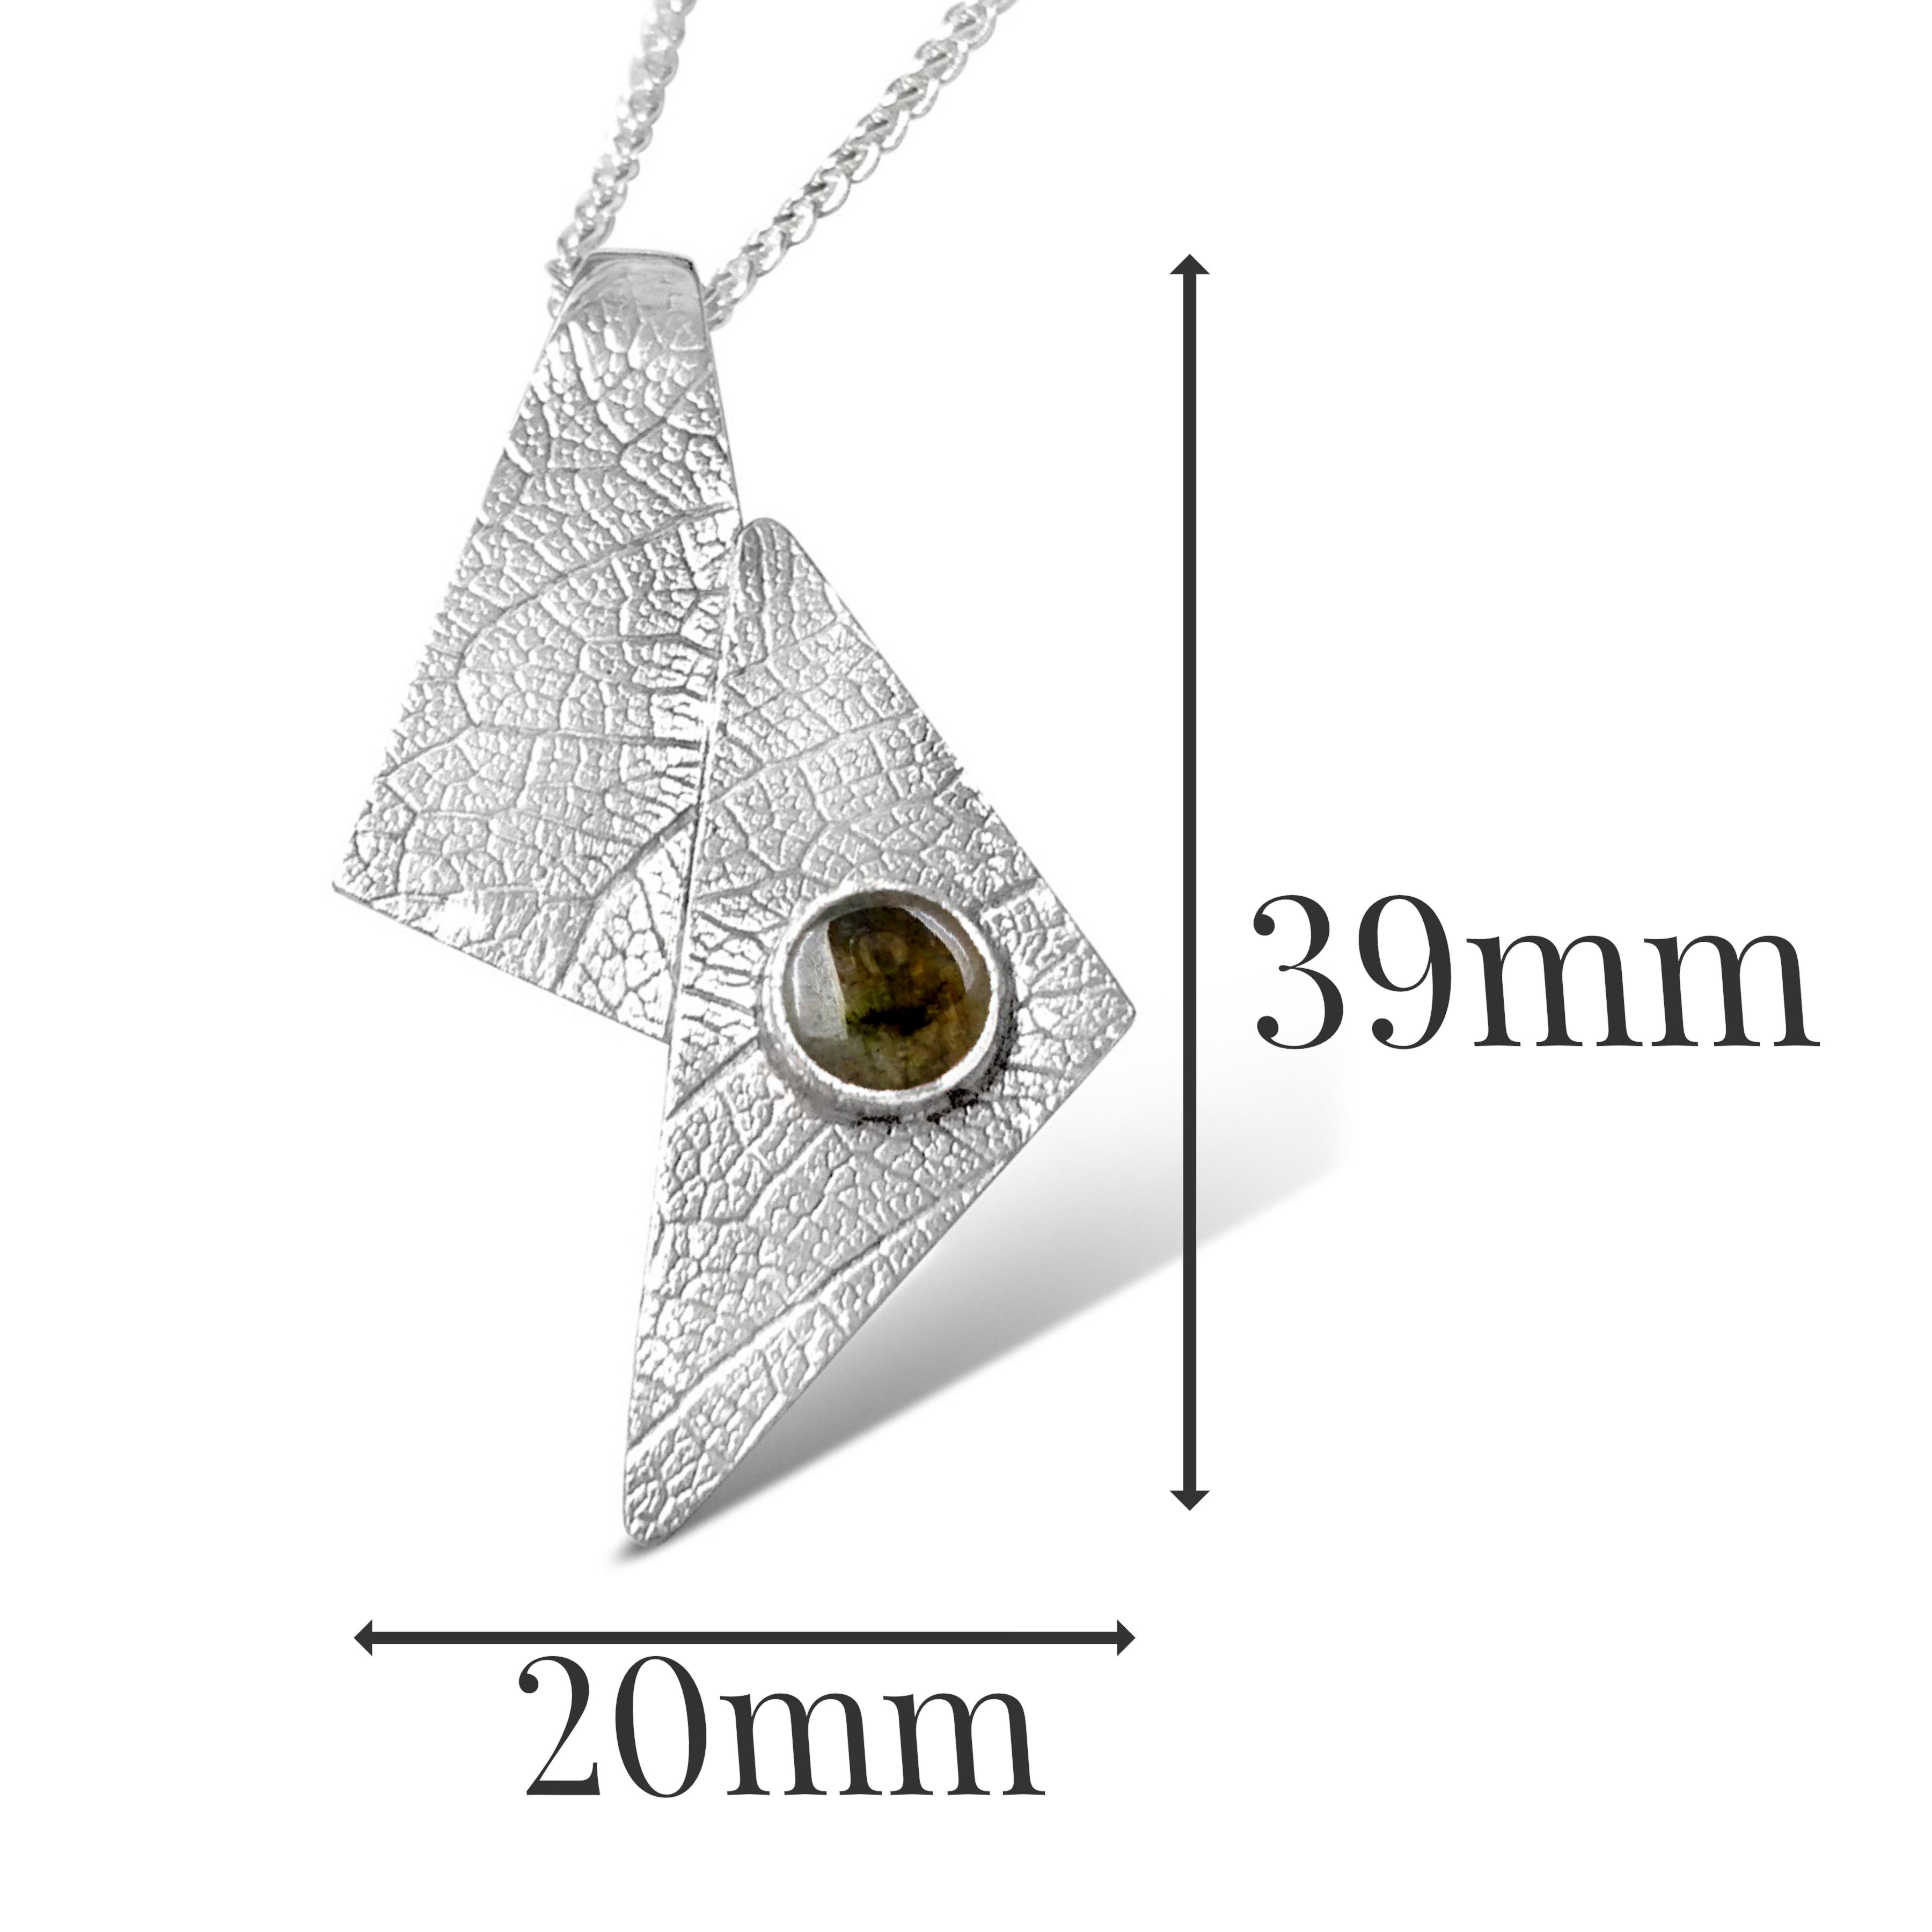 LP541 - Sterling Silver Labradorite Pendant sizes